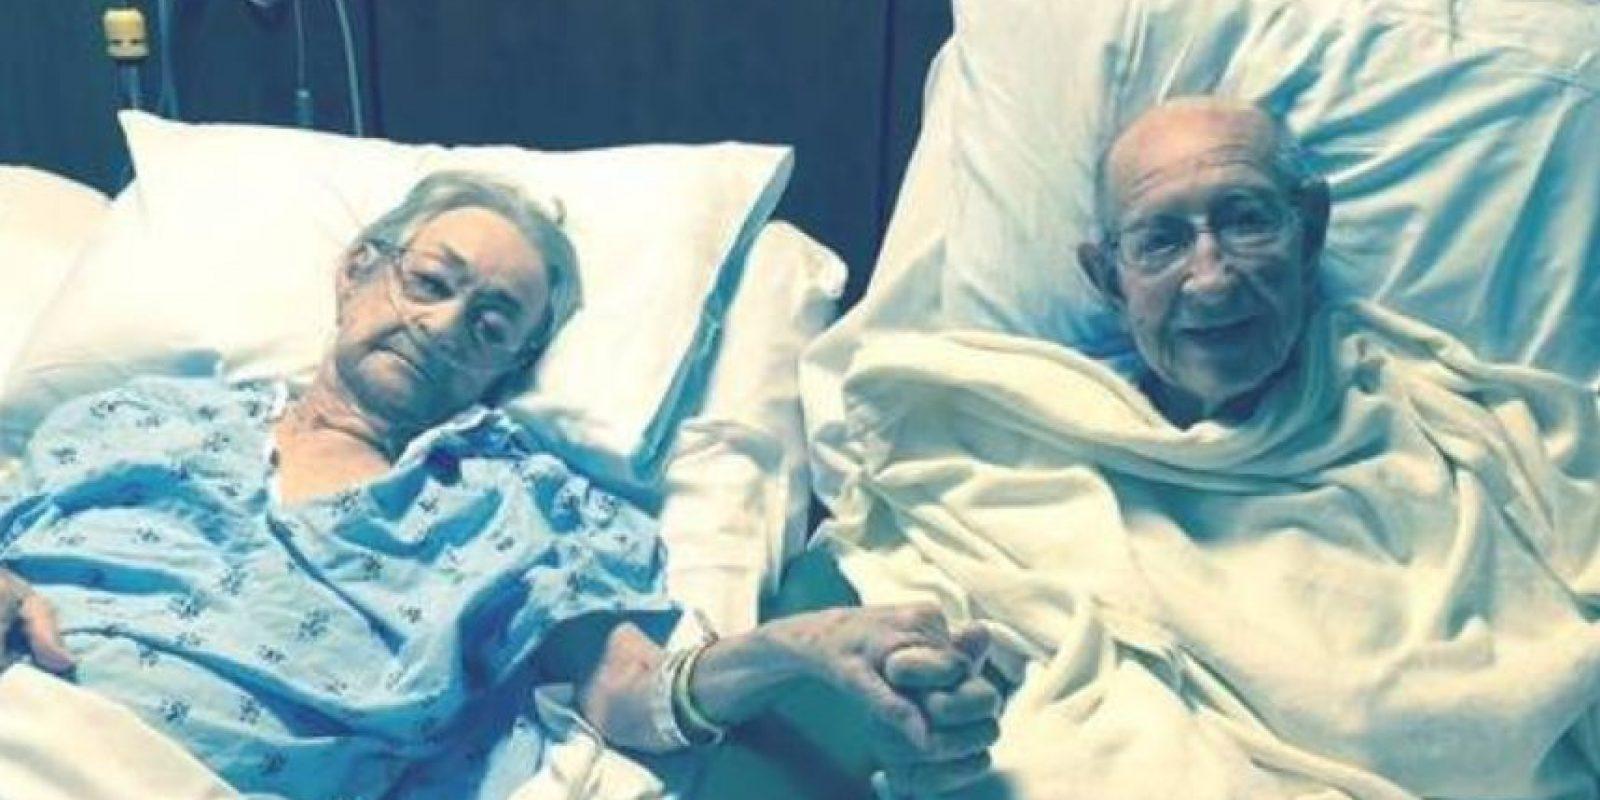 Tom y Arnisteen Clark llevan 68 años casados. Él tiene 96 años y ella 92. Como los dos fueron internados en camas diferentes, a los trabajadores del hospital Piedmont Healthcare decidieron dejarlos juntos. Foto:vía Facebook/Piedmont HealthCare